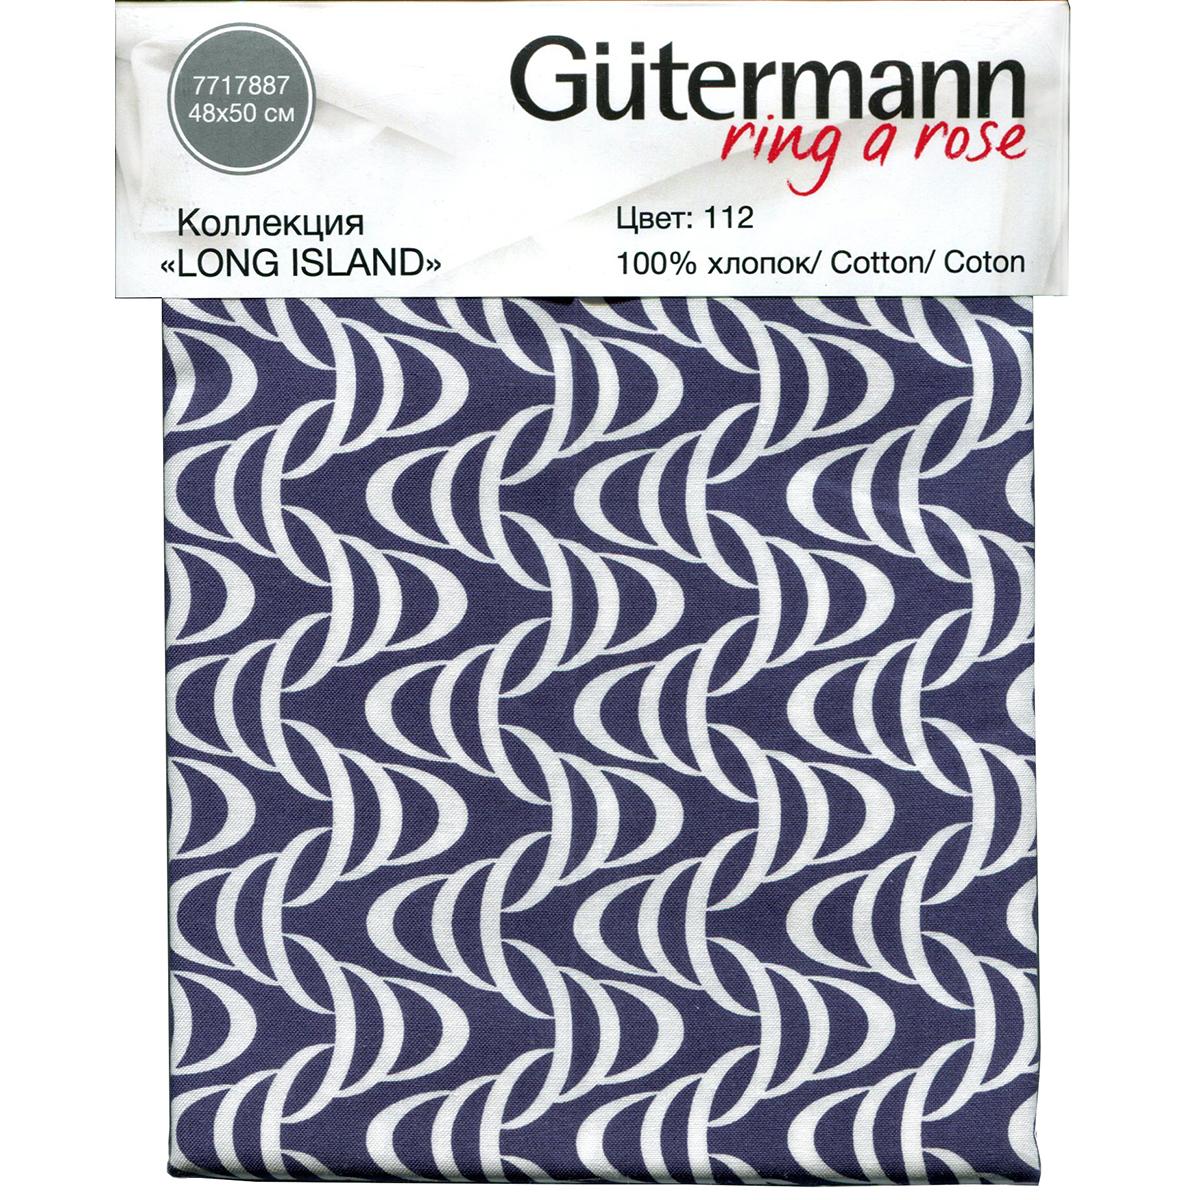 Ткань Gutermann Long Island, 48 х 50 см. 647446_1127717887-112Хлопковая ткань от Gutermann (Гутерманн) выполнена из 100% натурального материала, идеально подойдет для шитья одежды, постельного белья, декорирования. Ткань не линяет, не осыпается по краям и не дает усадки.